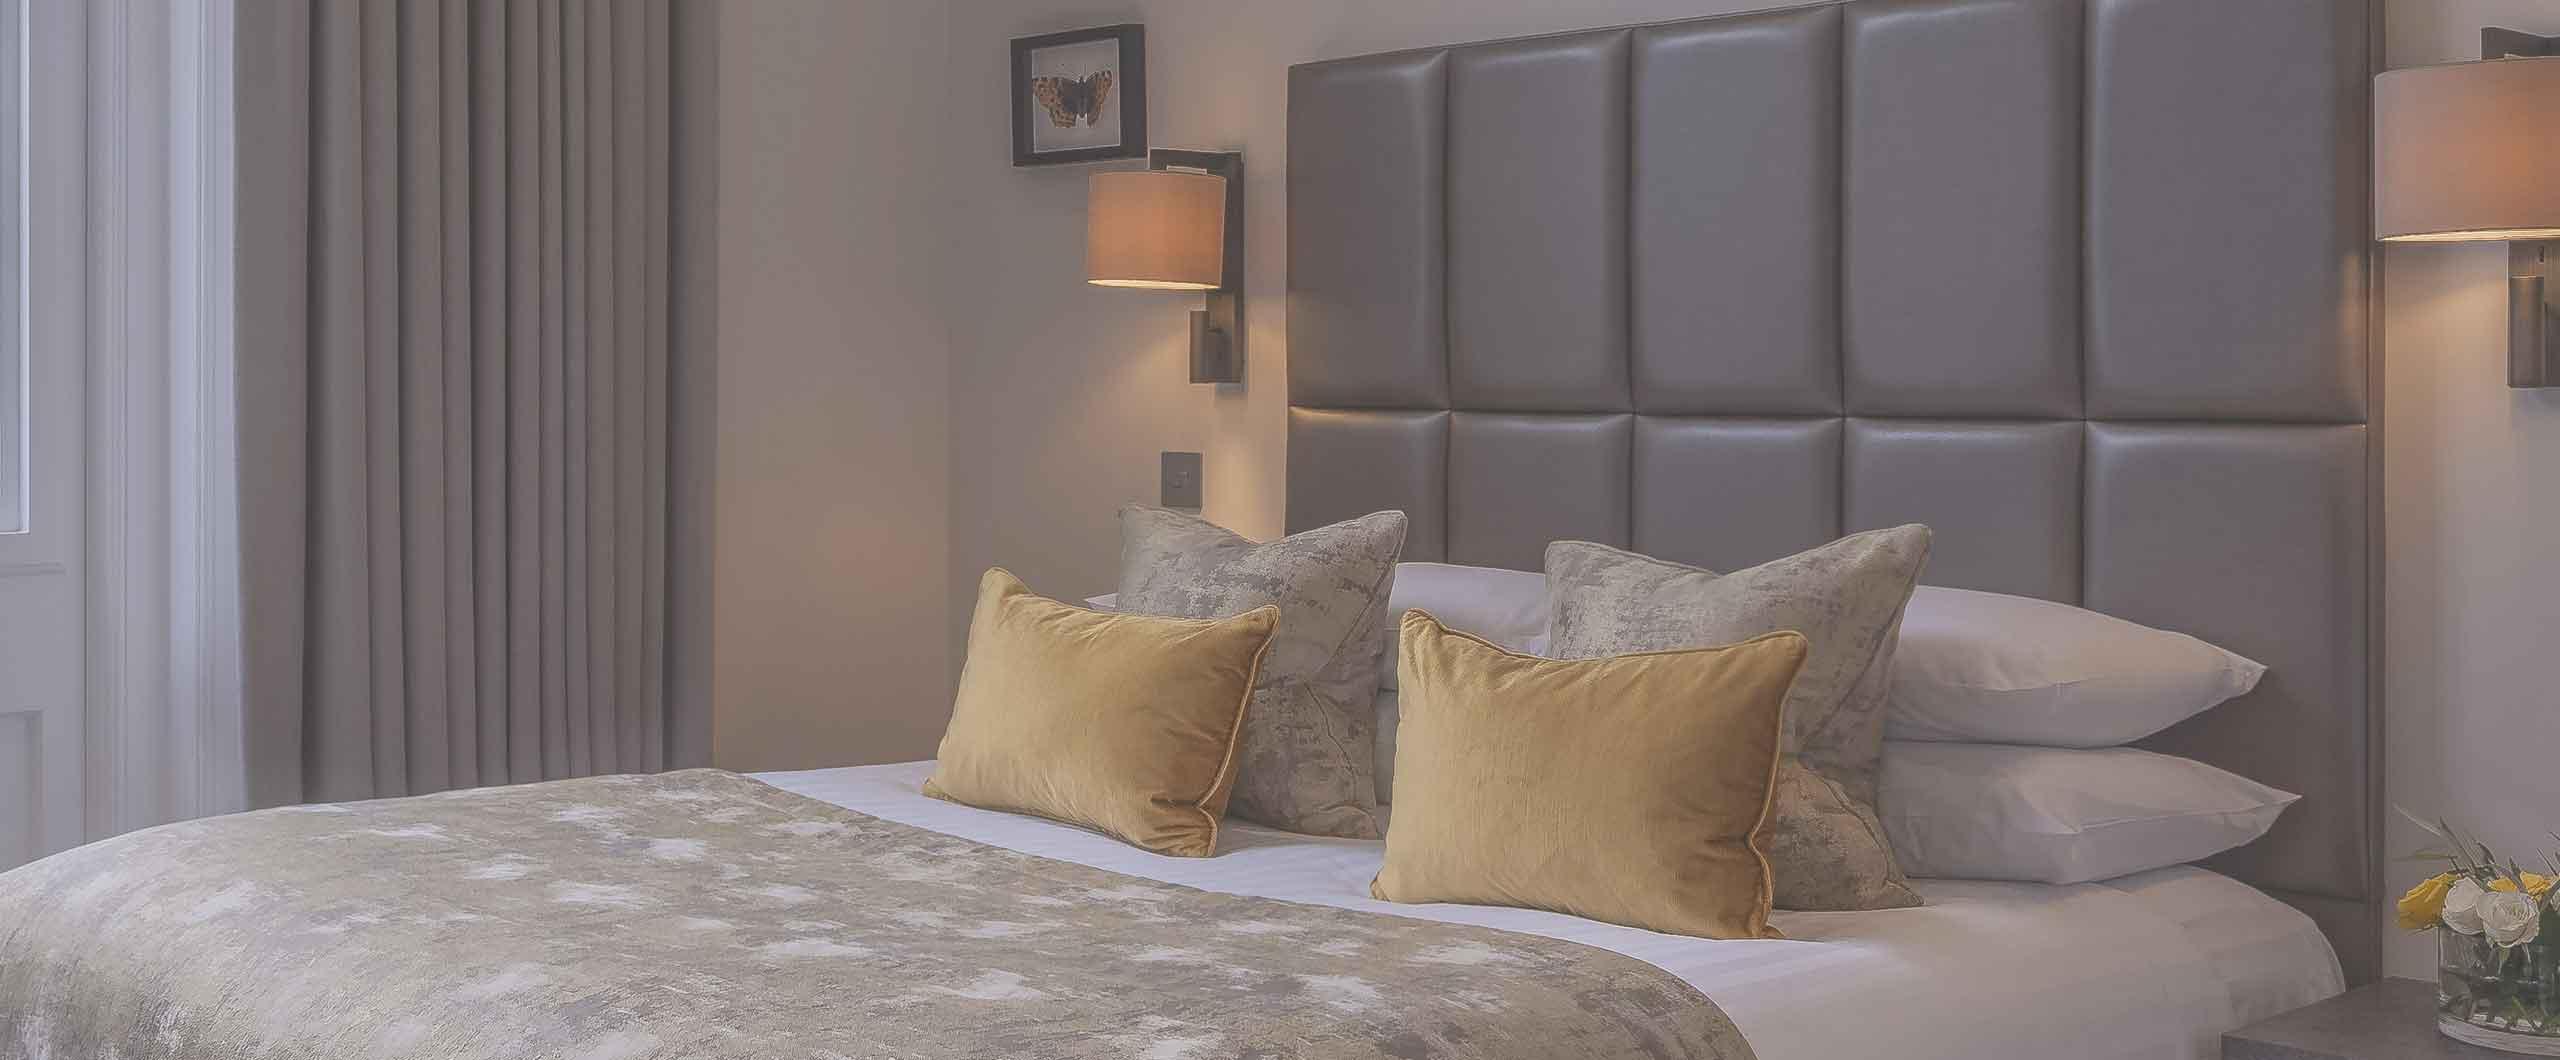 Oatlands park hotel superior room